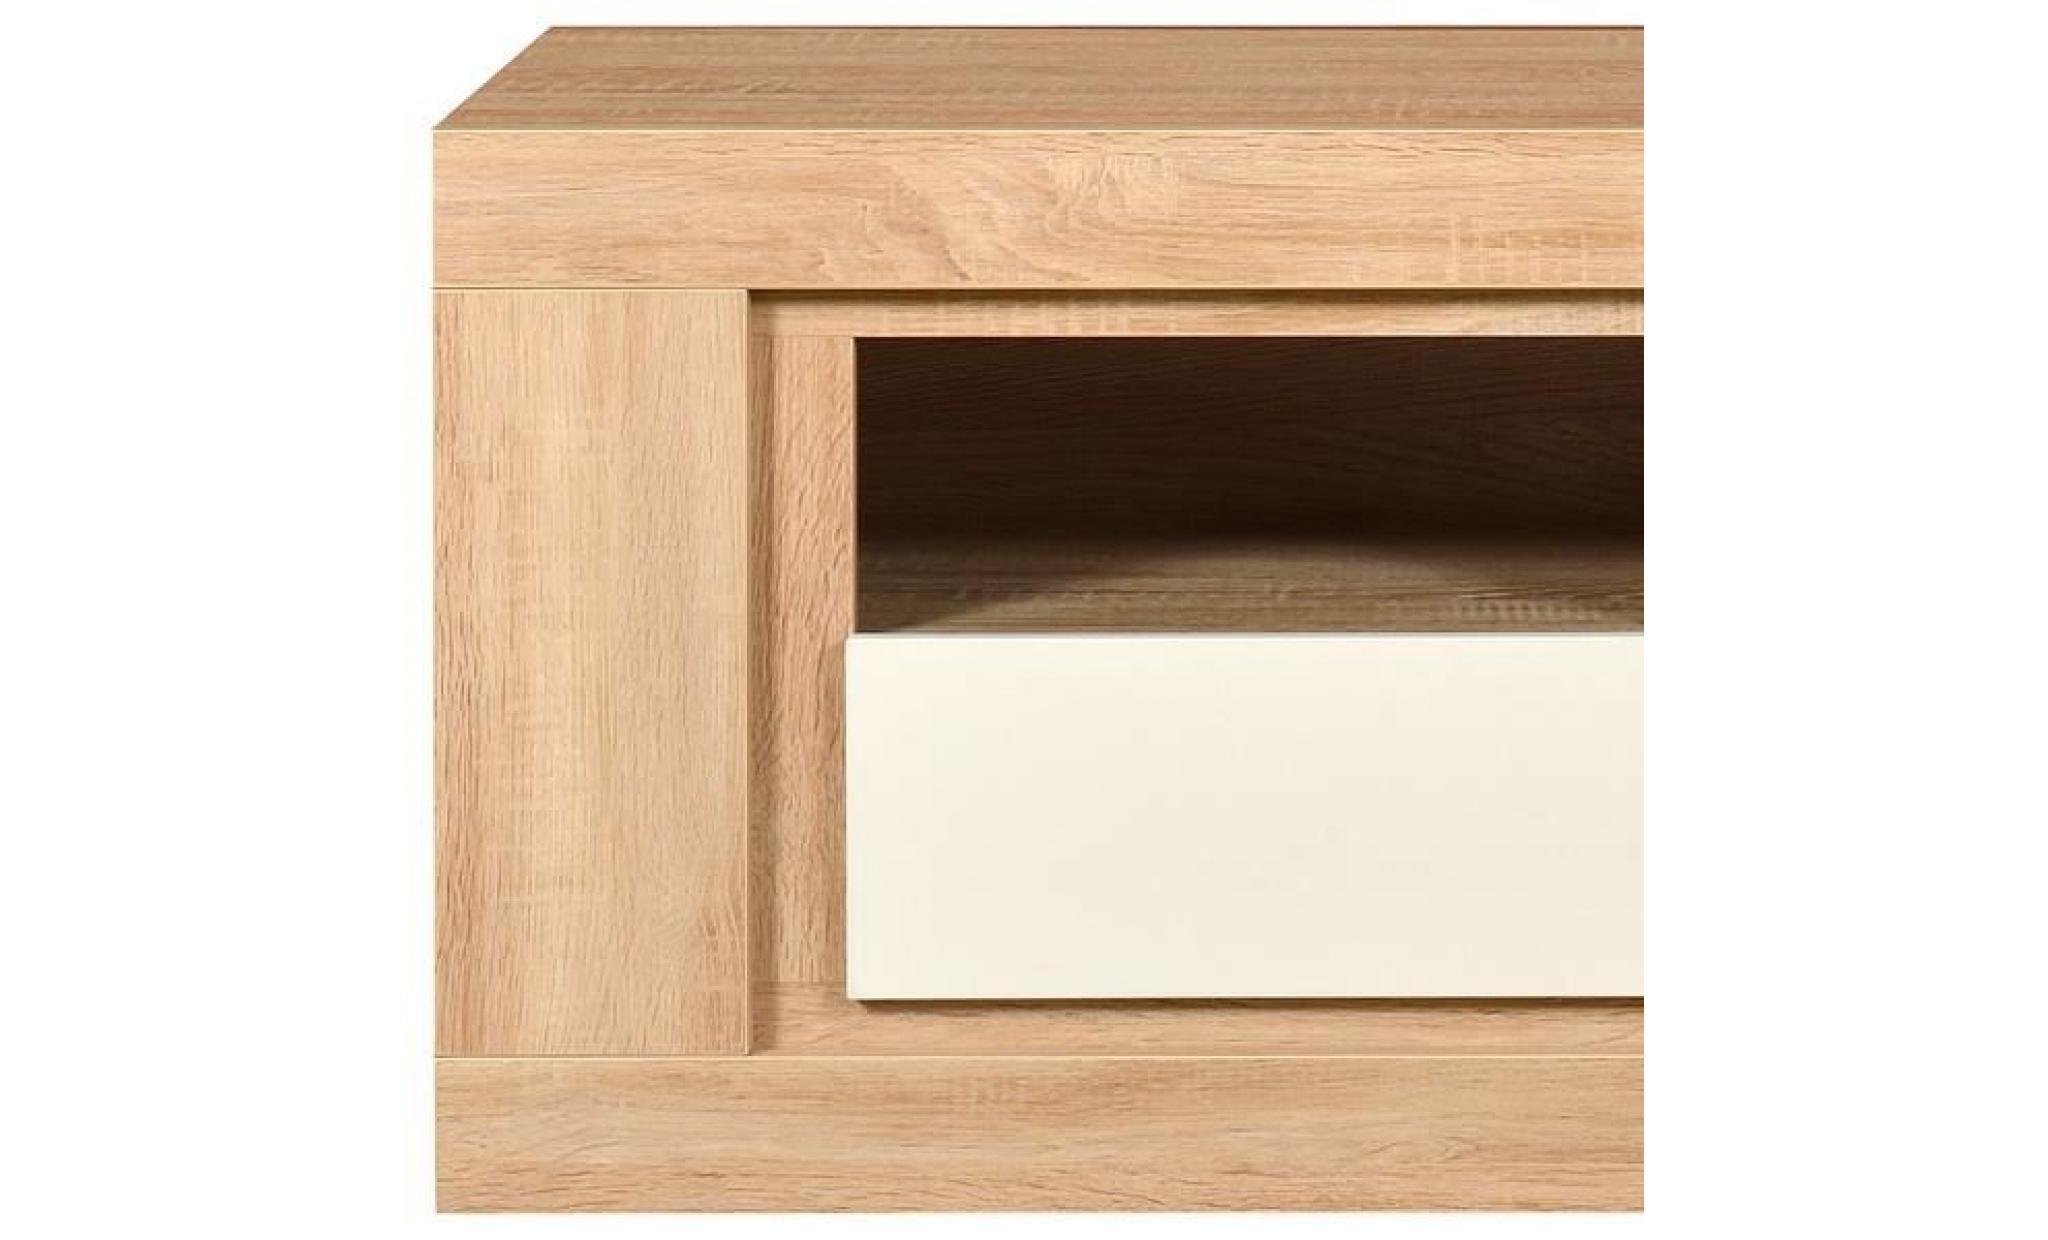 Meuble Tv Fa Ade Laque Blanche Luson L 180 X L 45 X H 55  # Meuble Tv Design Blanc Laque Noir Et Argente Pas Cher